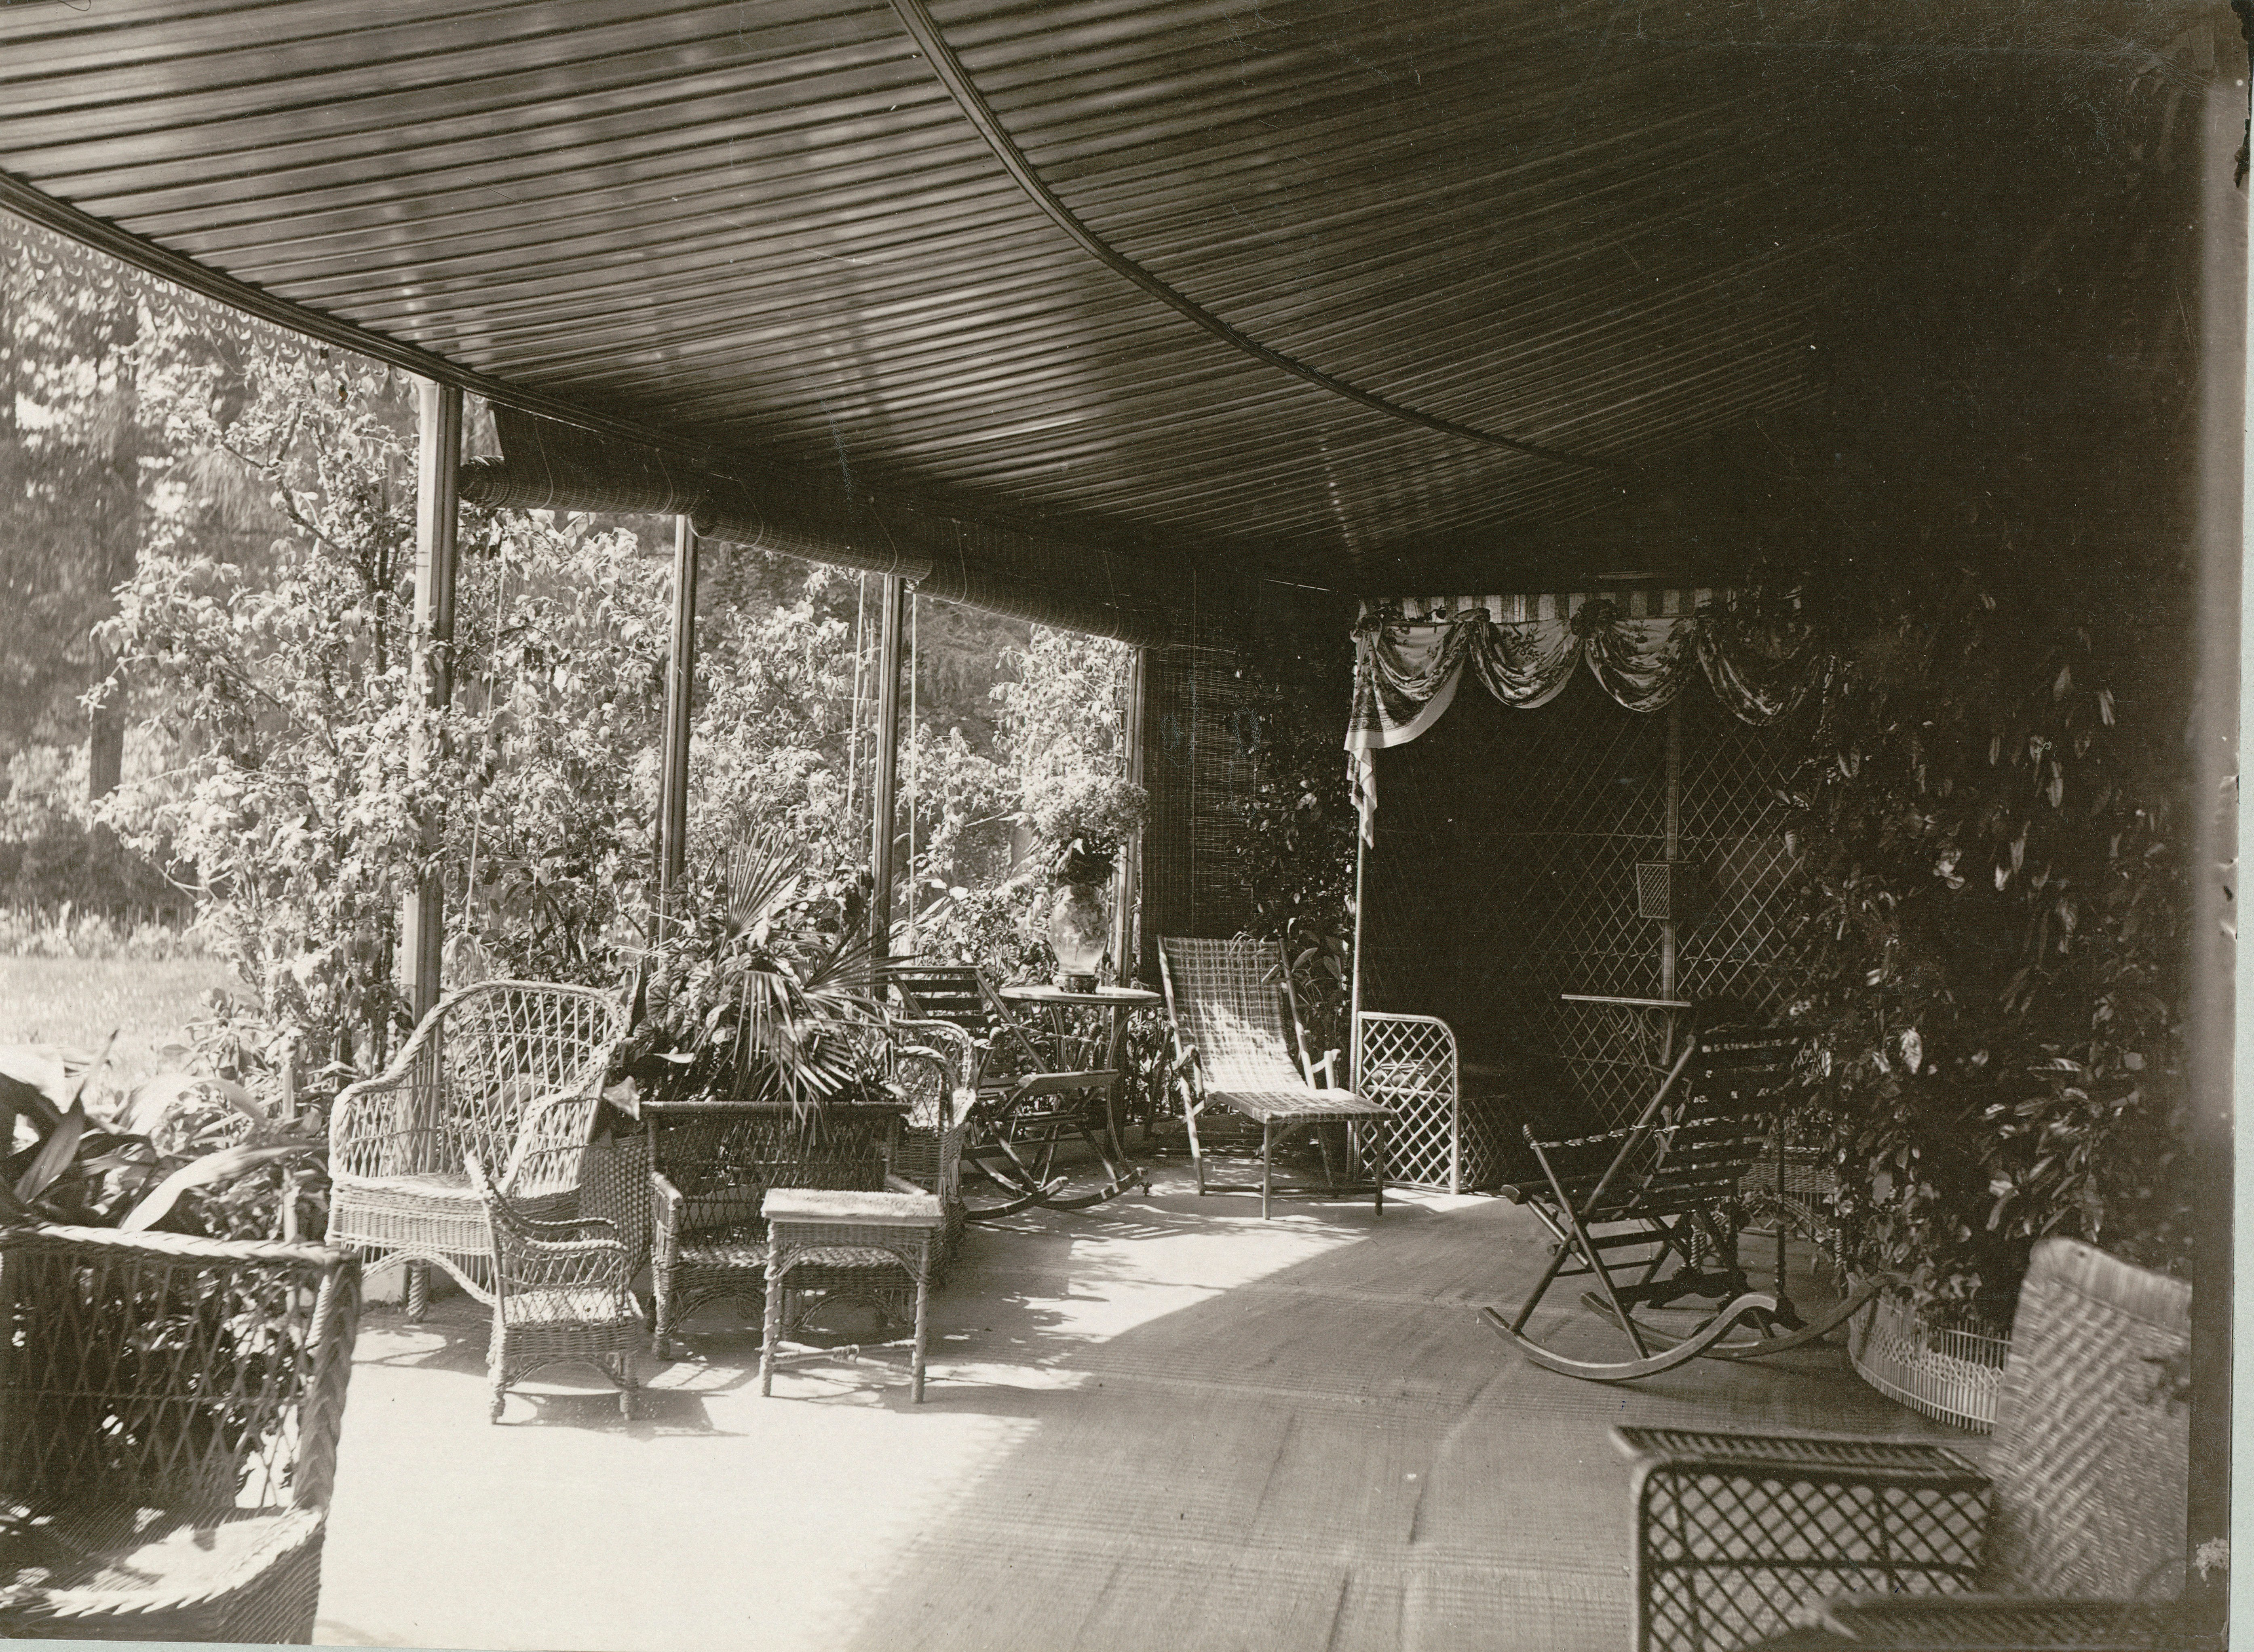 Веранда у ротонды дворца. Юго-западная часть. Обстановка – плетеная мебель